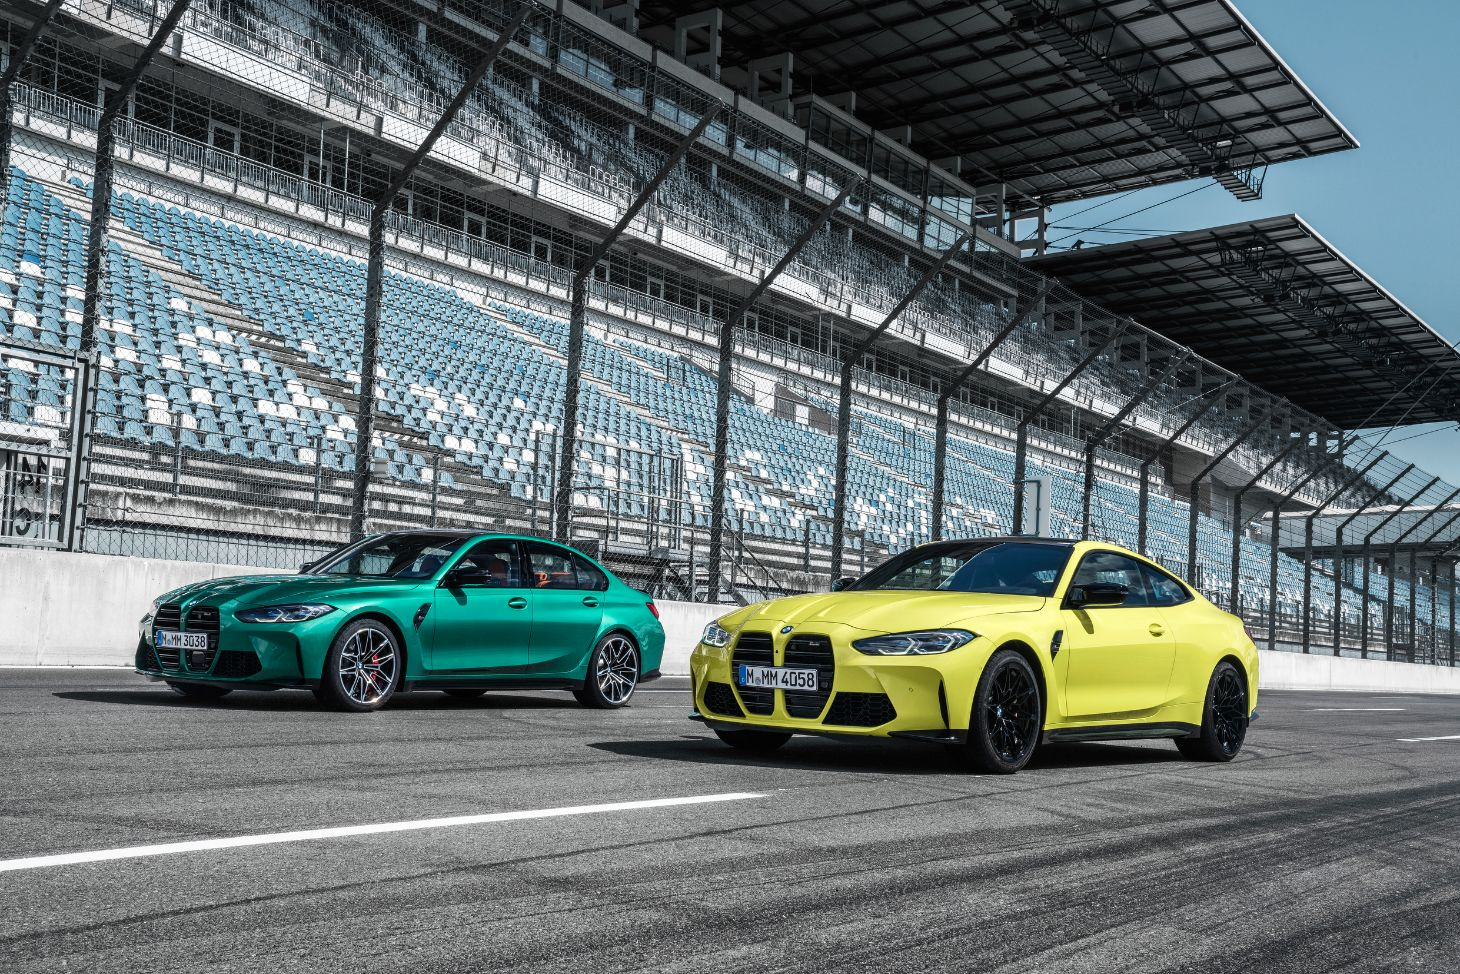 bmw m3 sedan e bmw m4 coupe paralelas em pista de corrida